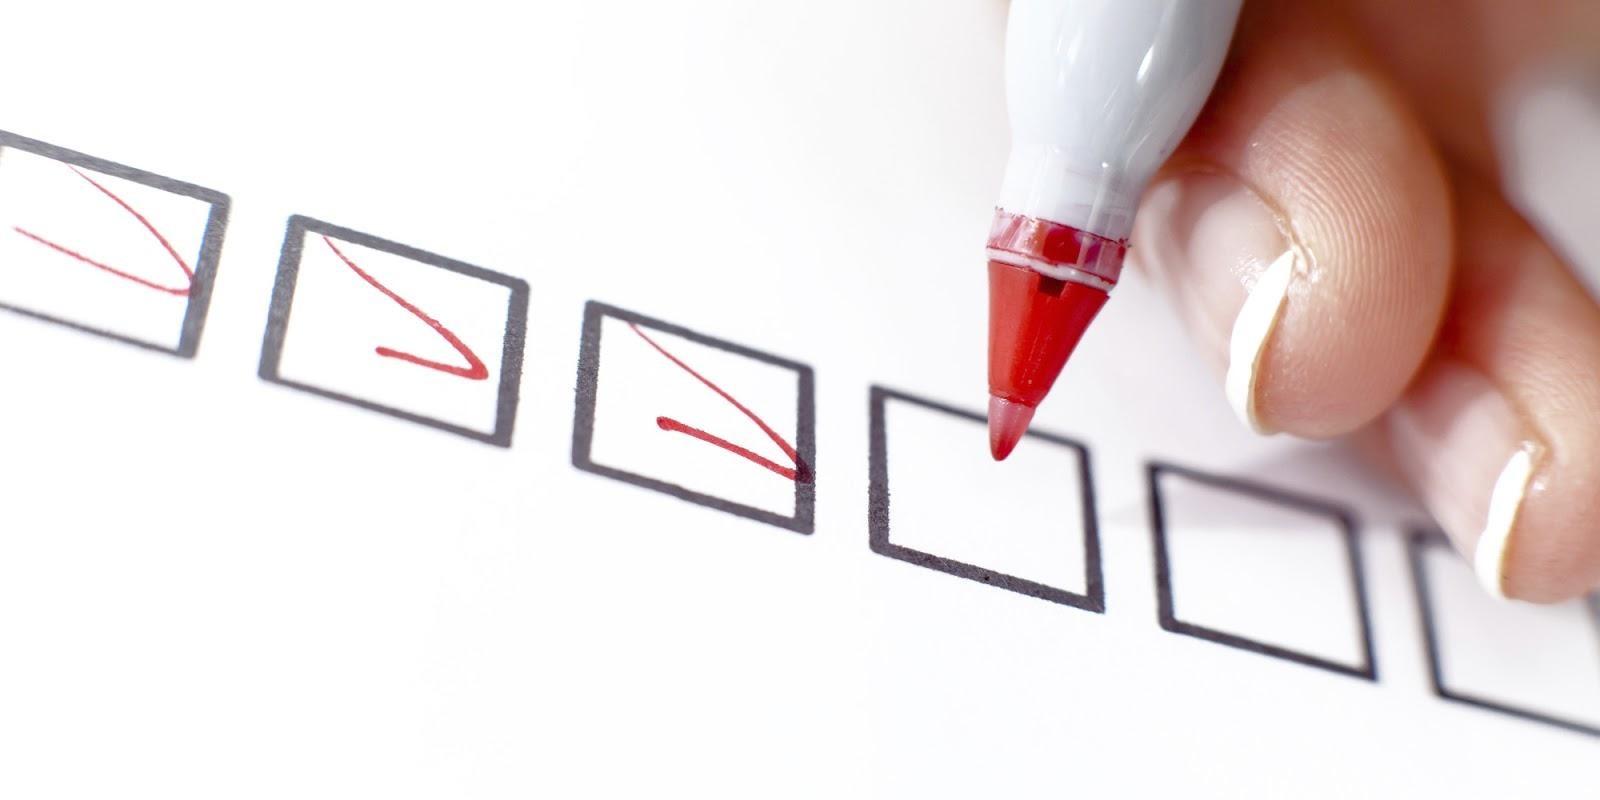 Manter uma lista de tarefas e cumprir metas é o primeiro passo para uma rotina mais saudável.